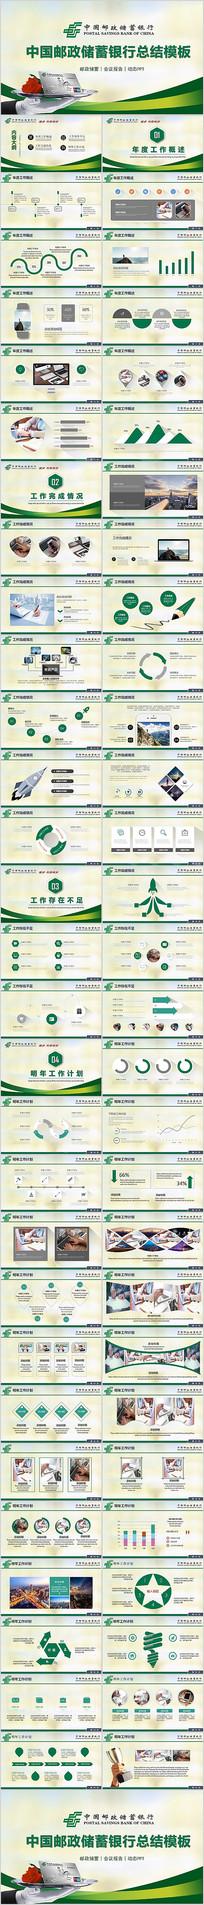 中国邮政储蓄银行年终总结PPT模板